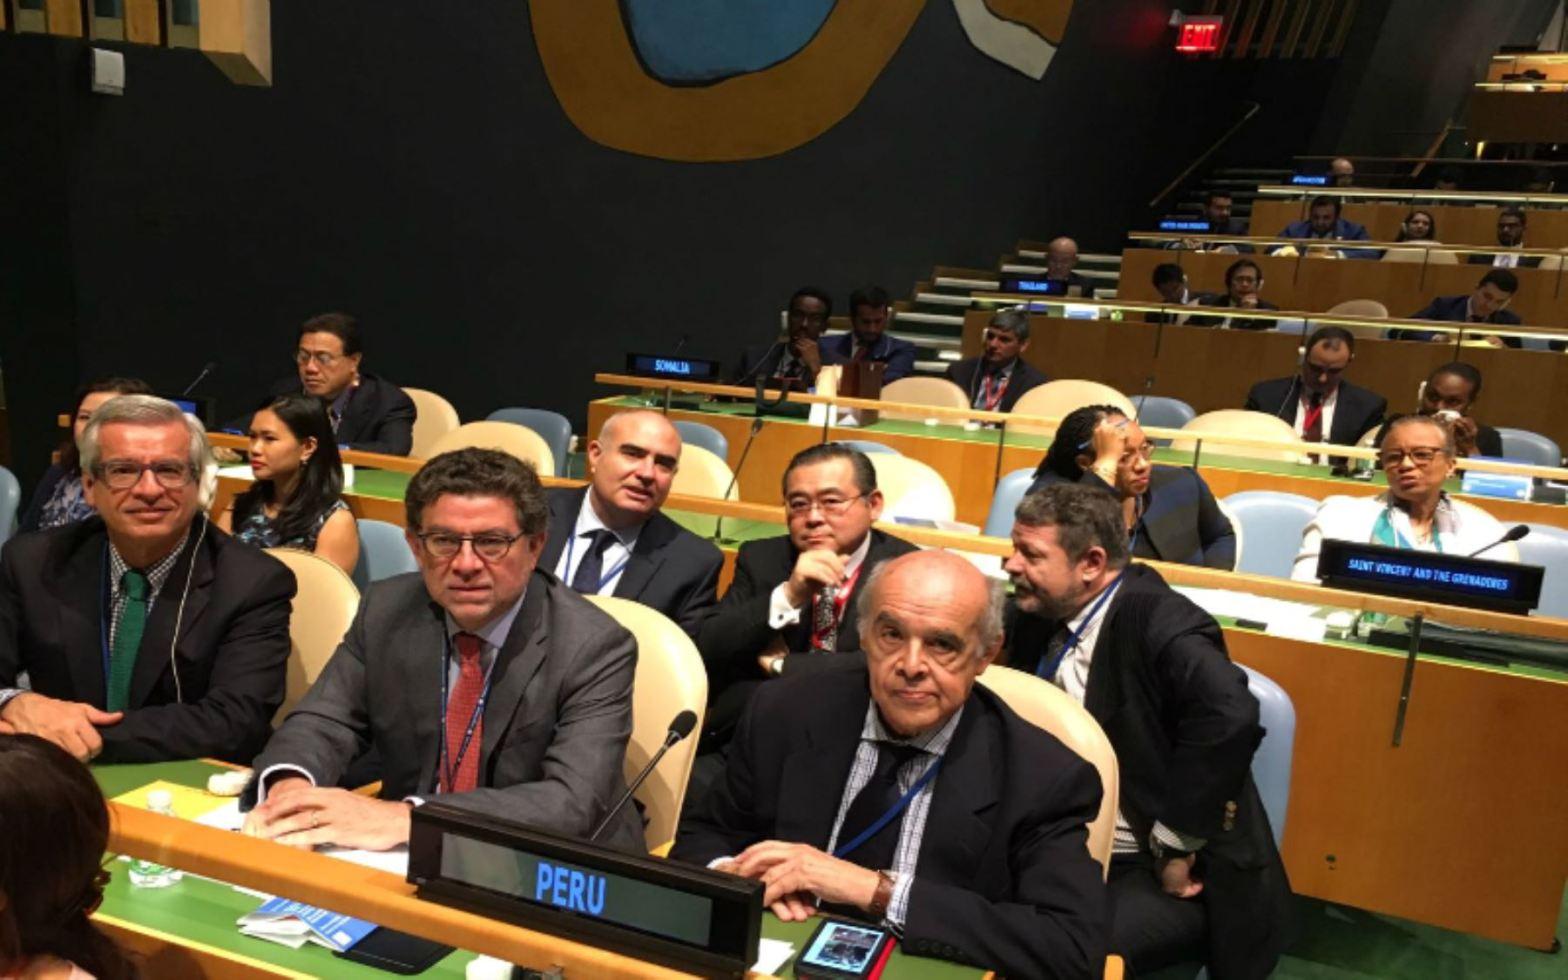 Perú es elegido miembro no permanente del Consejo de Seguridad de la ONU